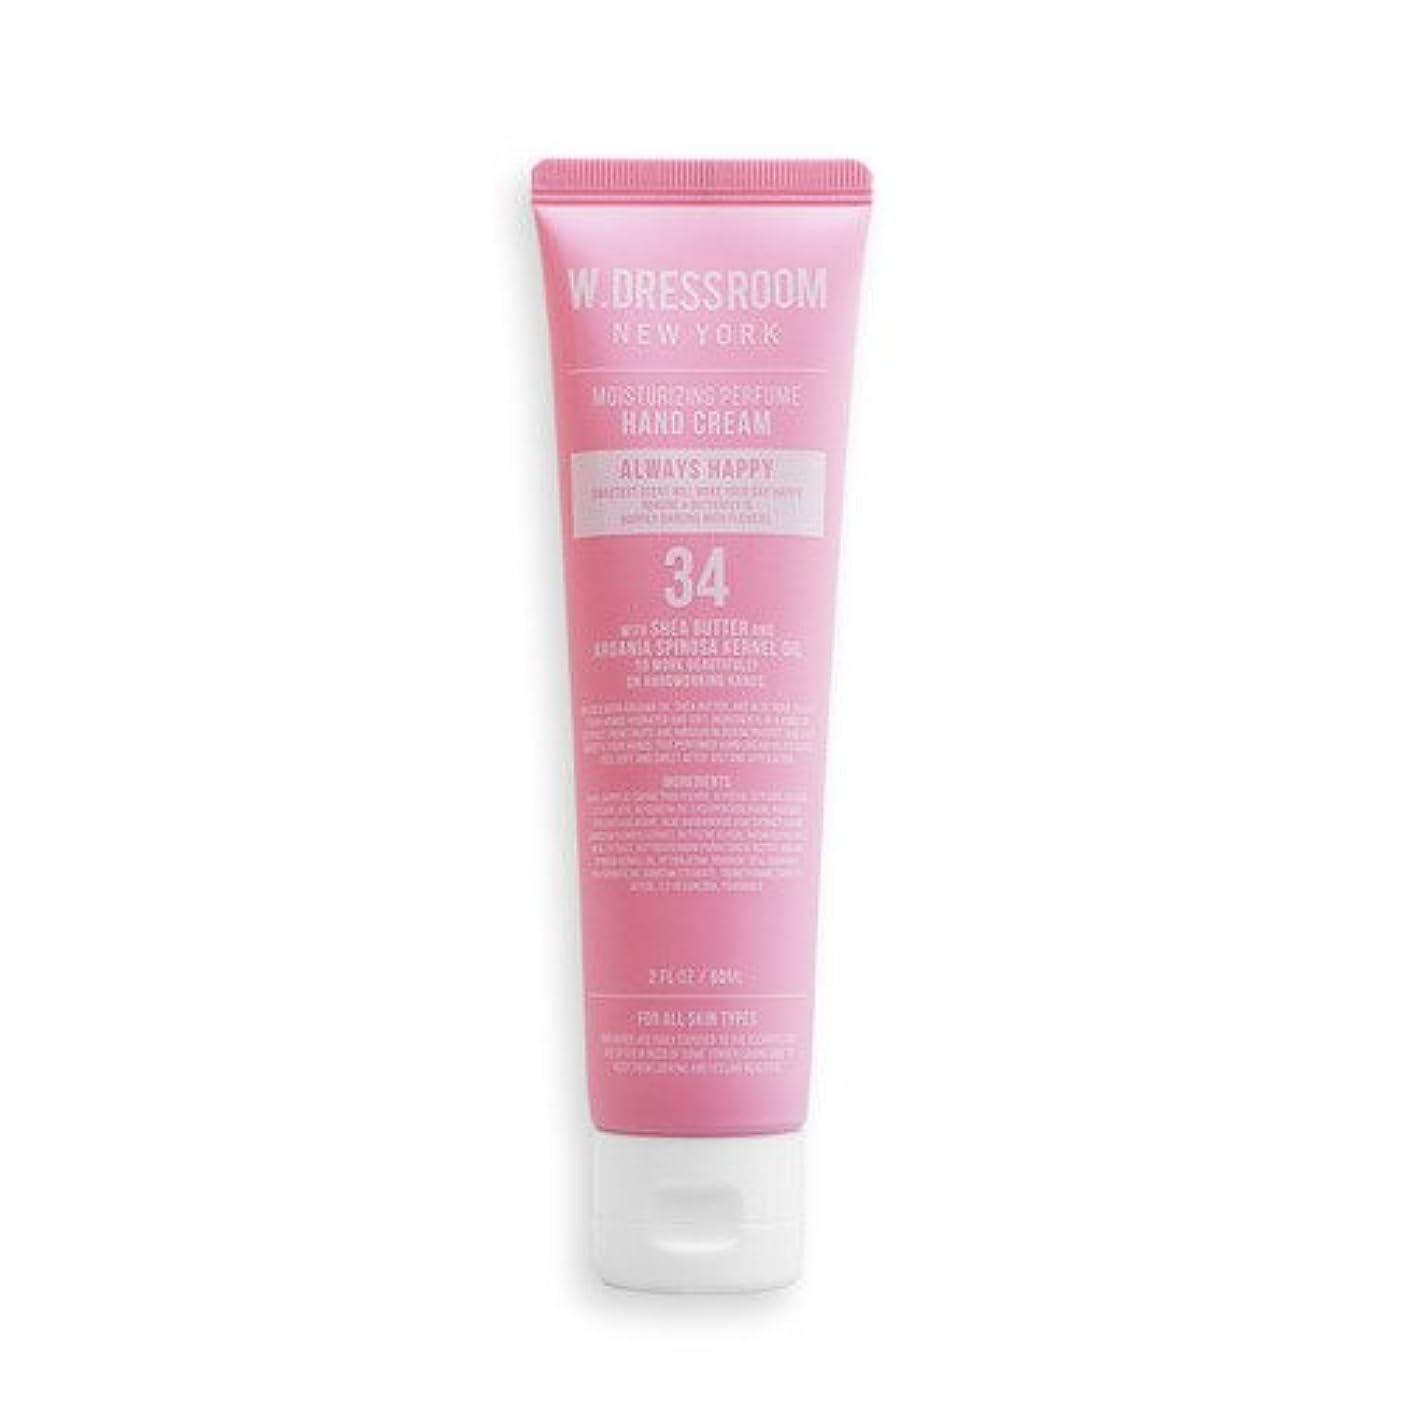 経営者ラック連結するW.DRESSROOM Moisturizing Perfume Hand Cream 60ml/ダブルドレスルーム モイスチャライジング パフューム ハンドクリーム 60ml (#No.34 Always Happy)...